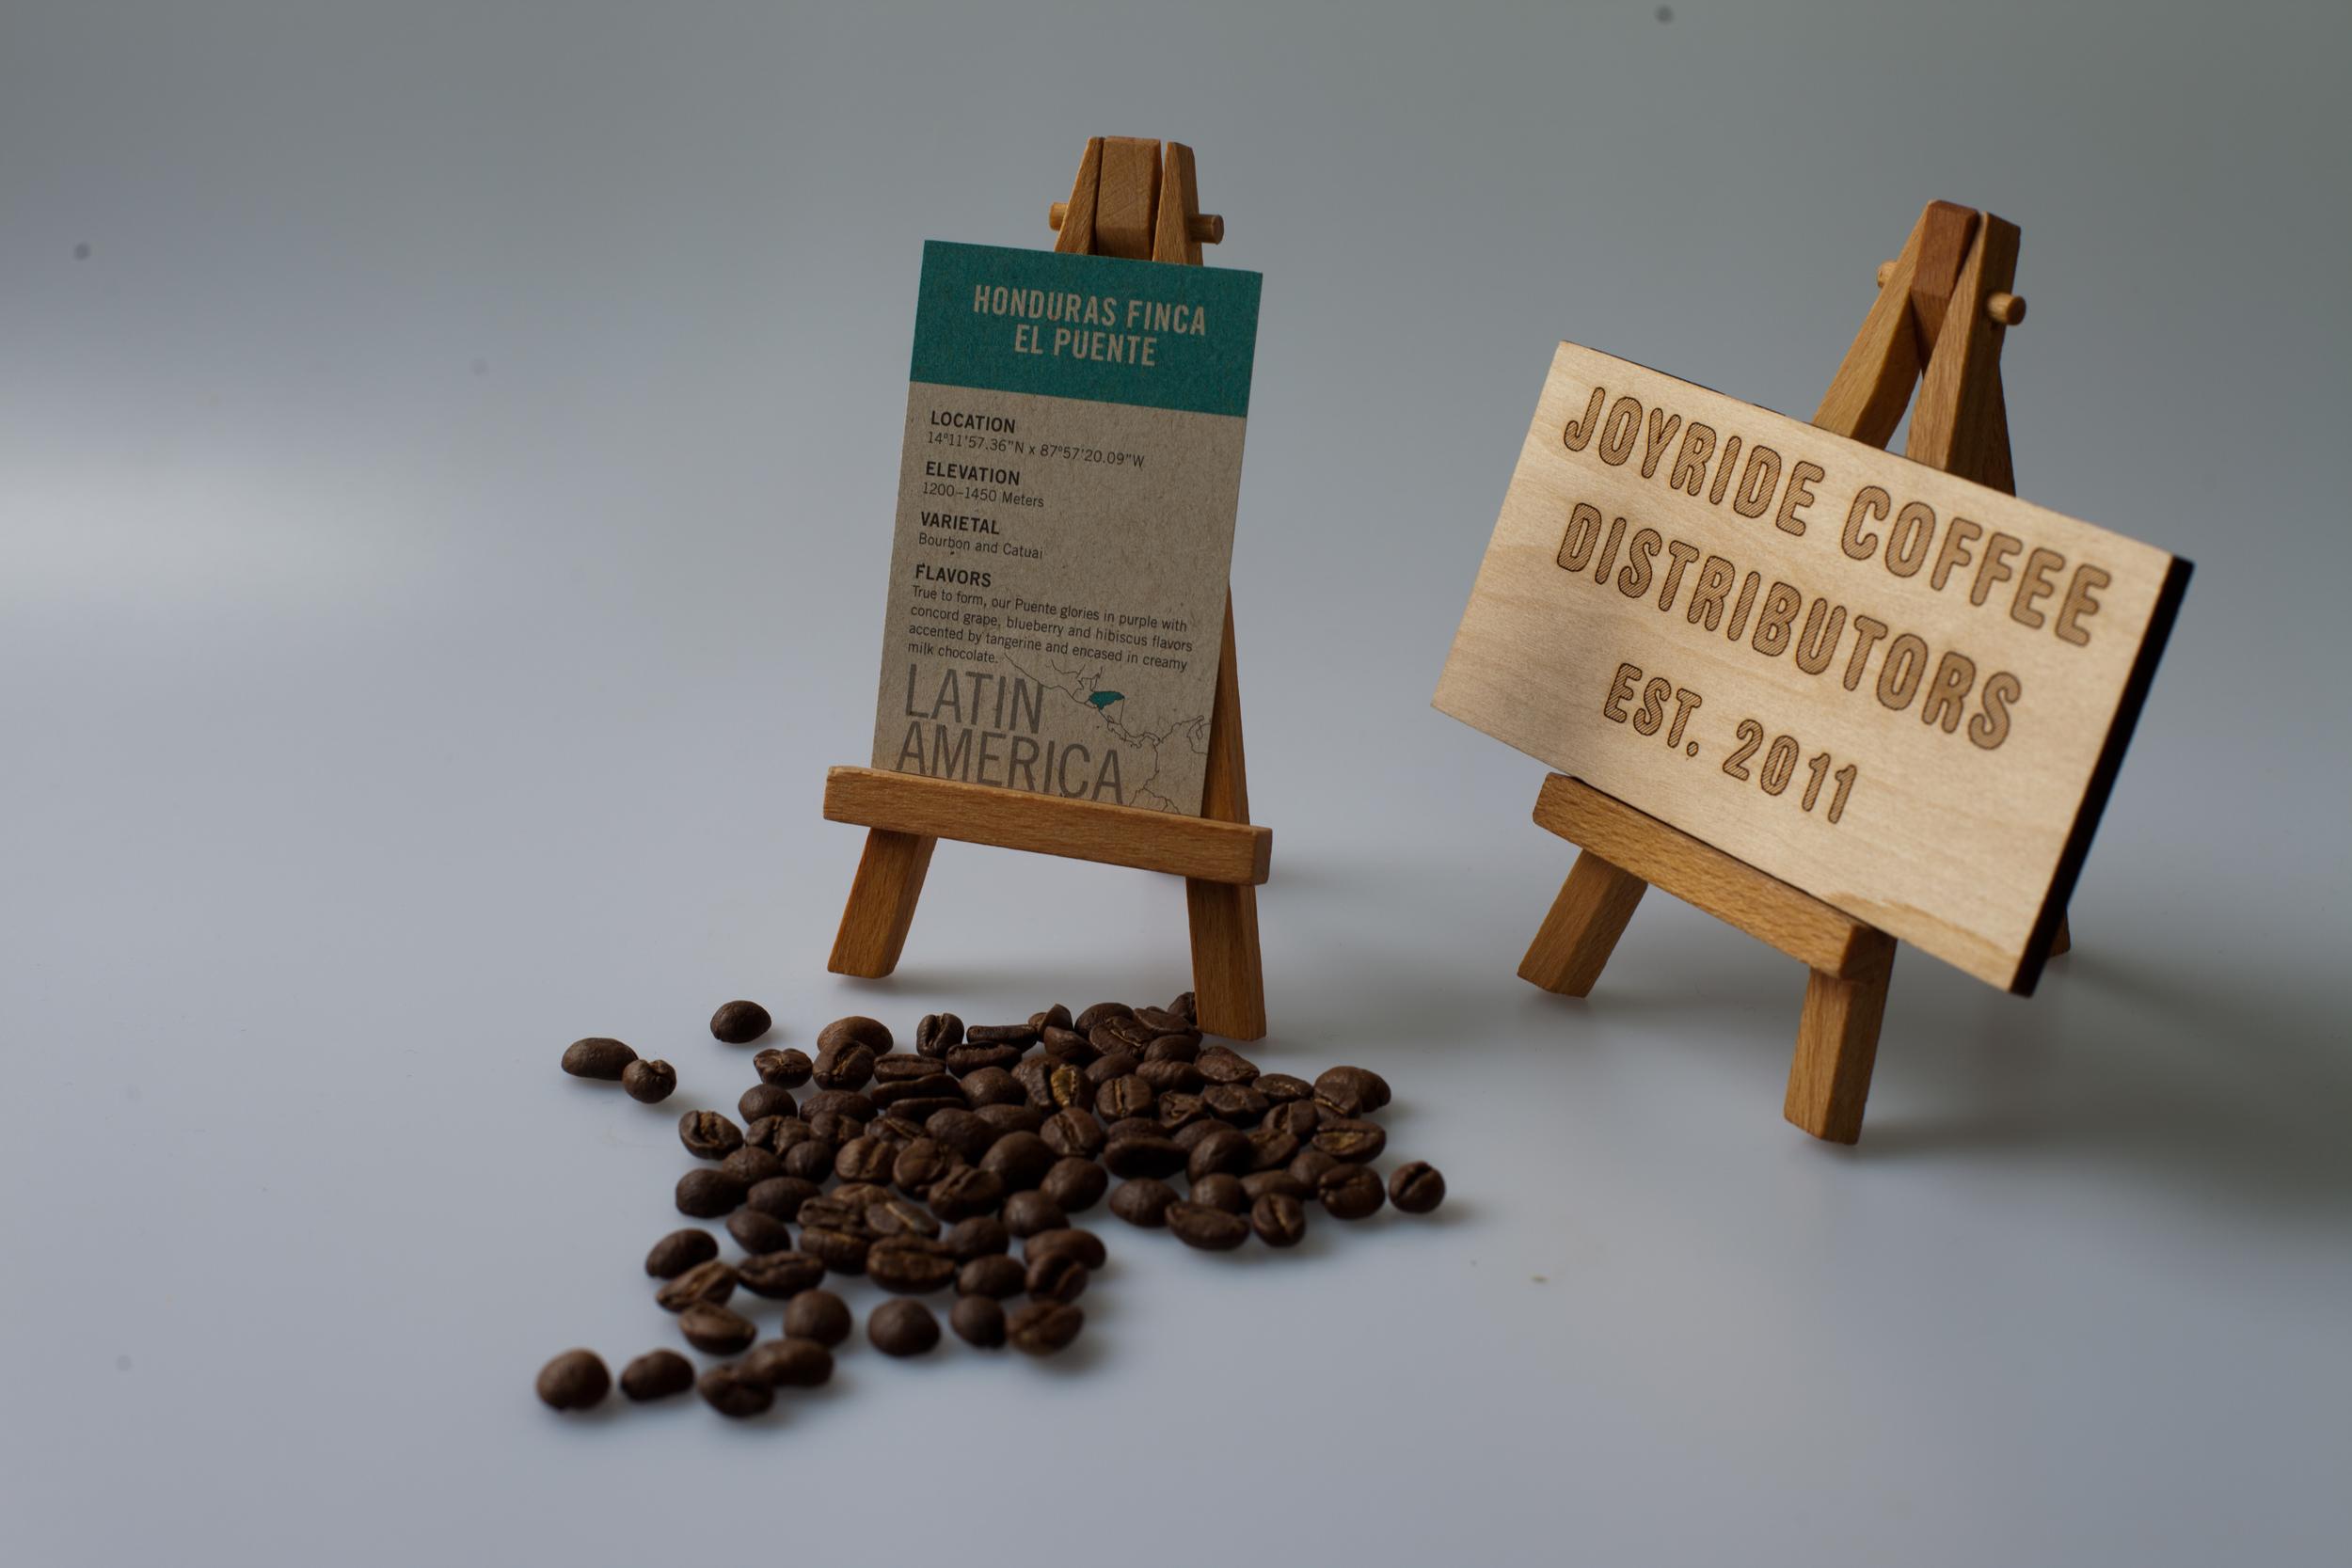 Stumptown Coffee Honduras Finca El Puente